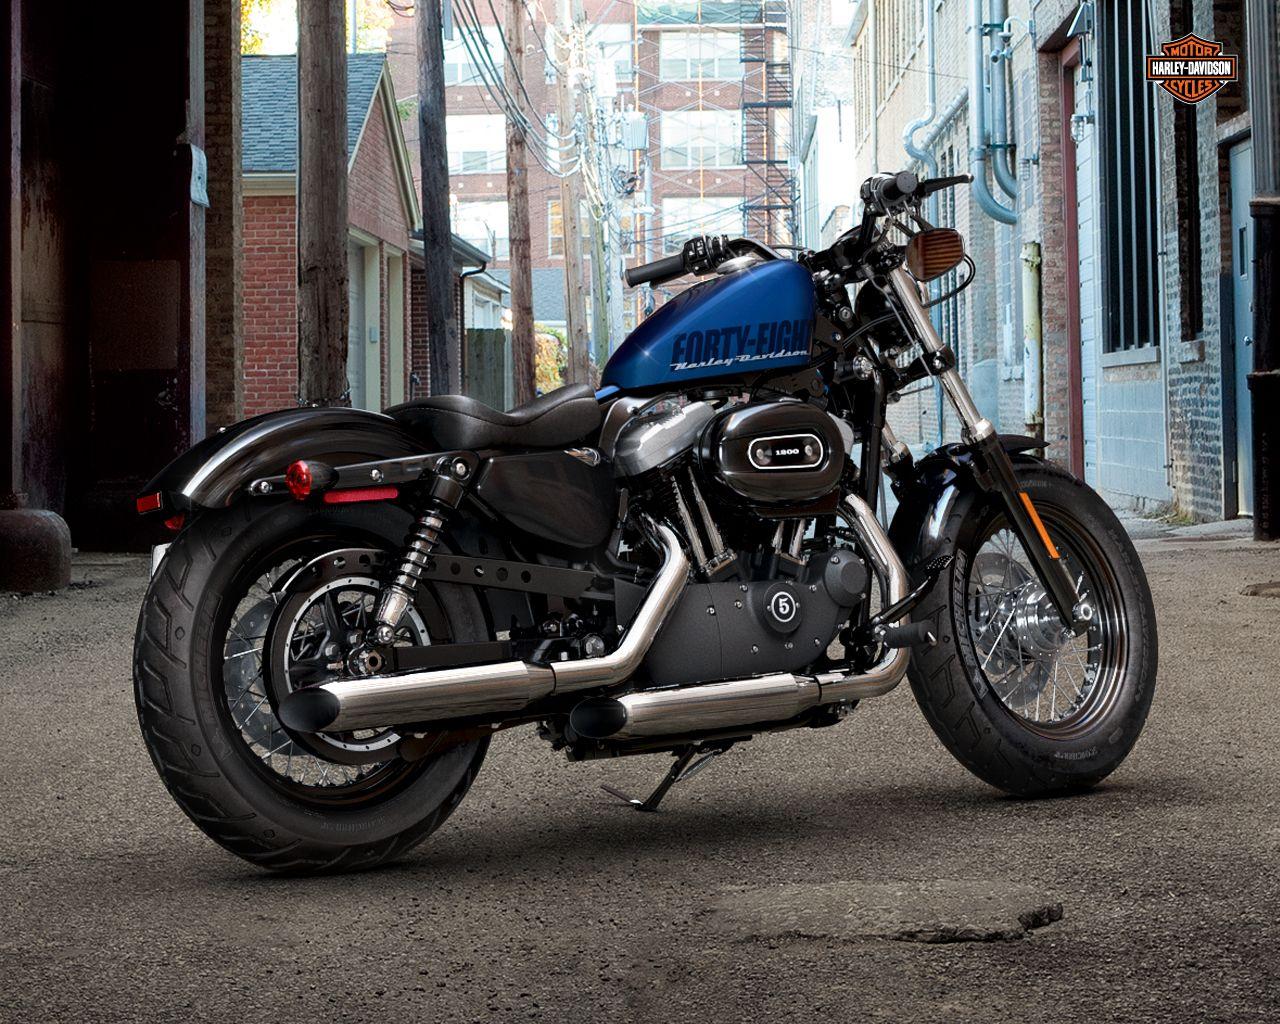 Harley Davidson Sportster 48 Wallpaper Bikes